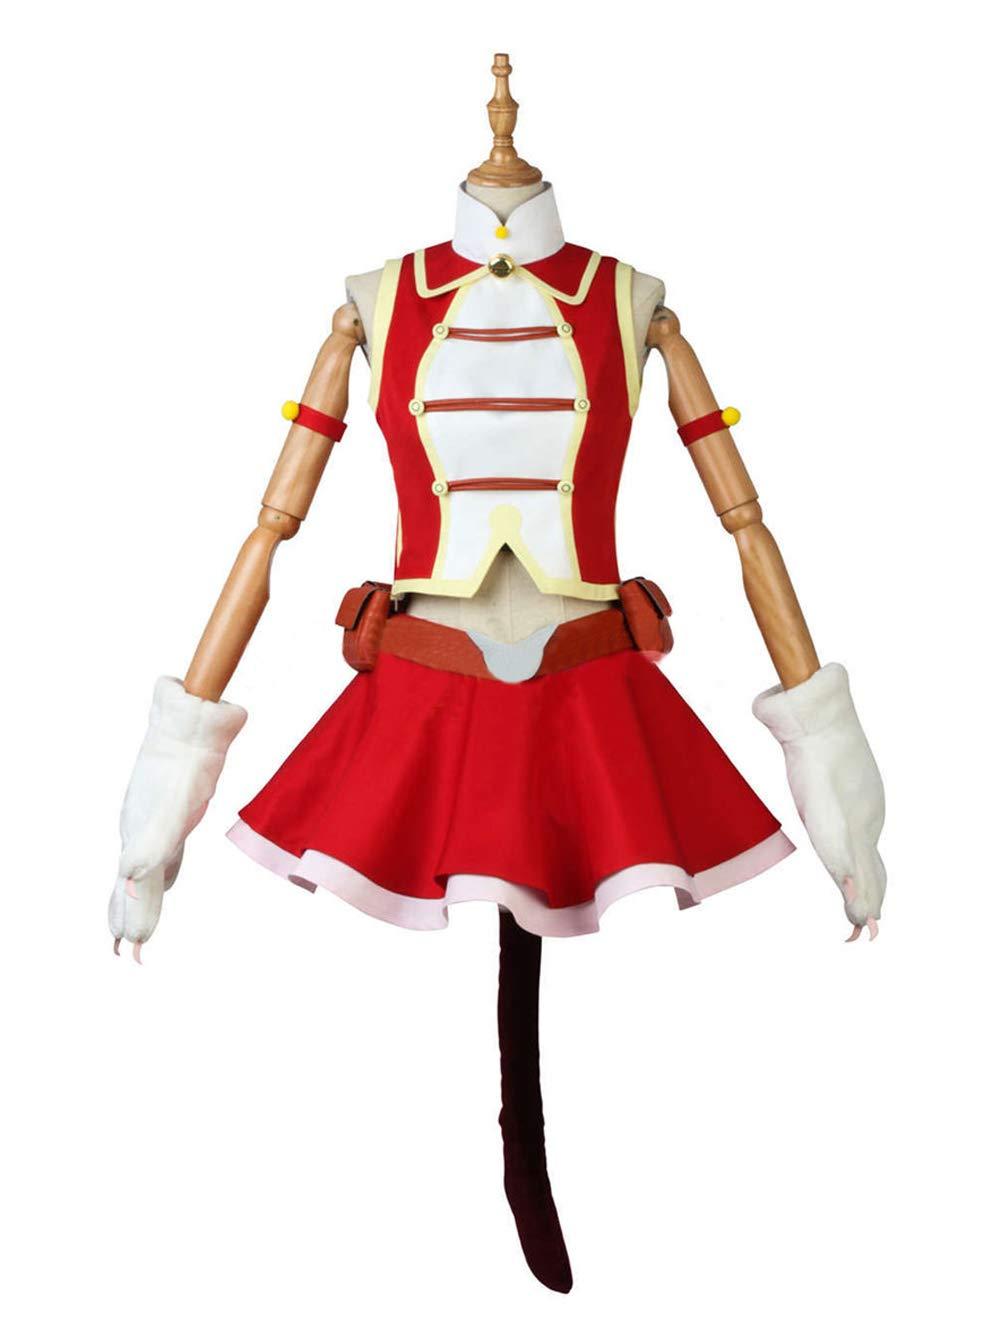 IrukaCOS【即納品】COSPLAY 僕のヒーローアカデミア マンダレイ コスプレ衣装 ハロウィン クリスマス 変装(XL) XL  B07JL48LR2